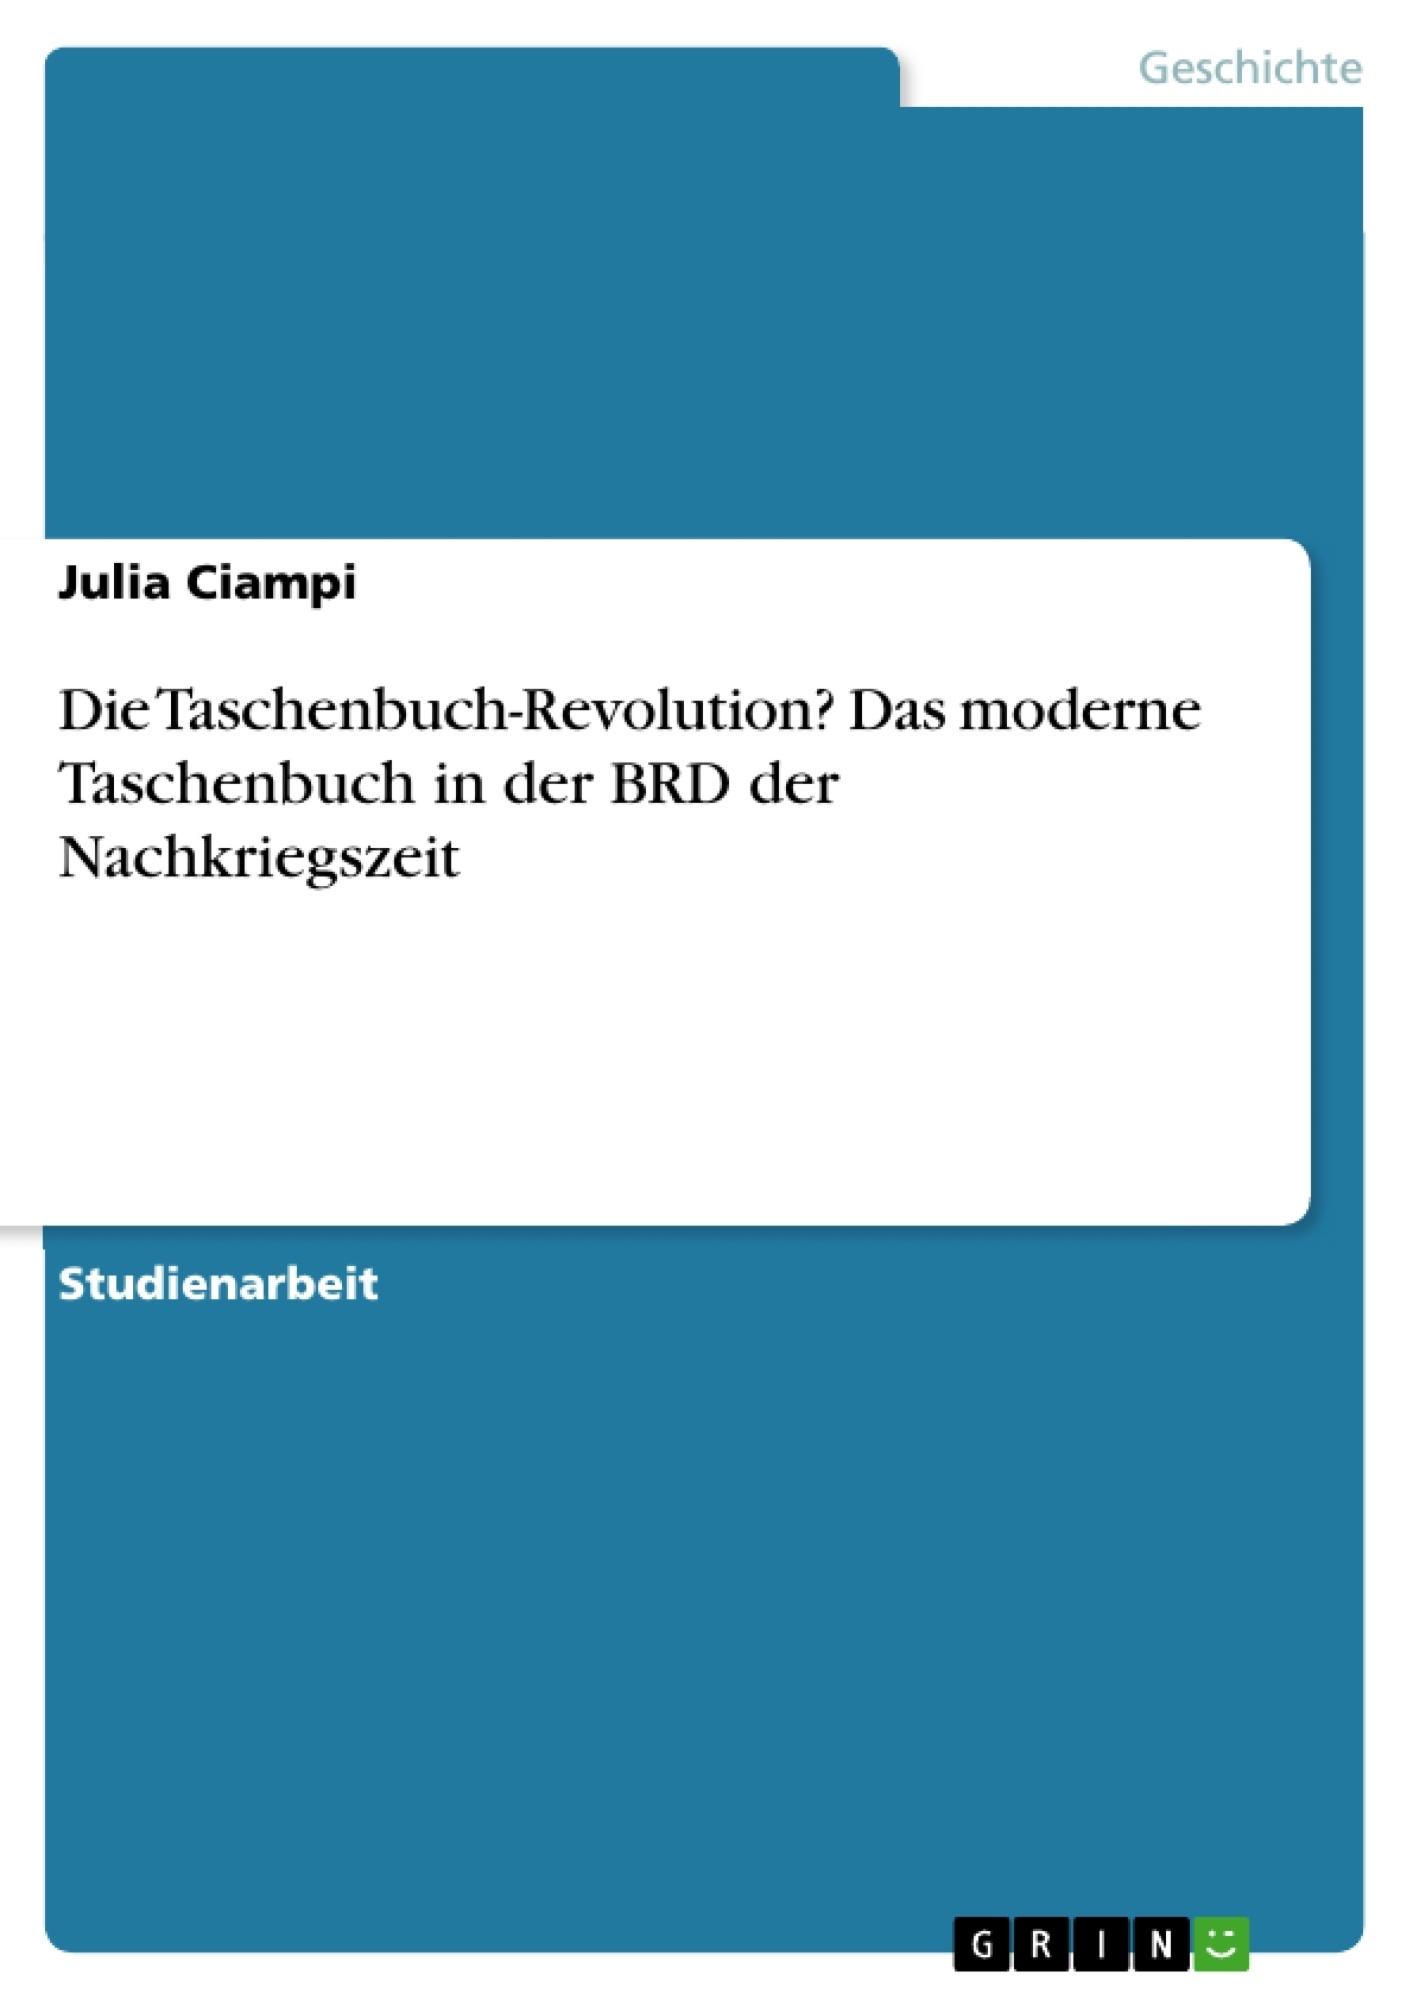 Titel: Die Taschenbuch-Revolution? Das moderne Taschenbuch in der BRD der Nachkriegszeit